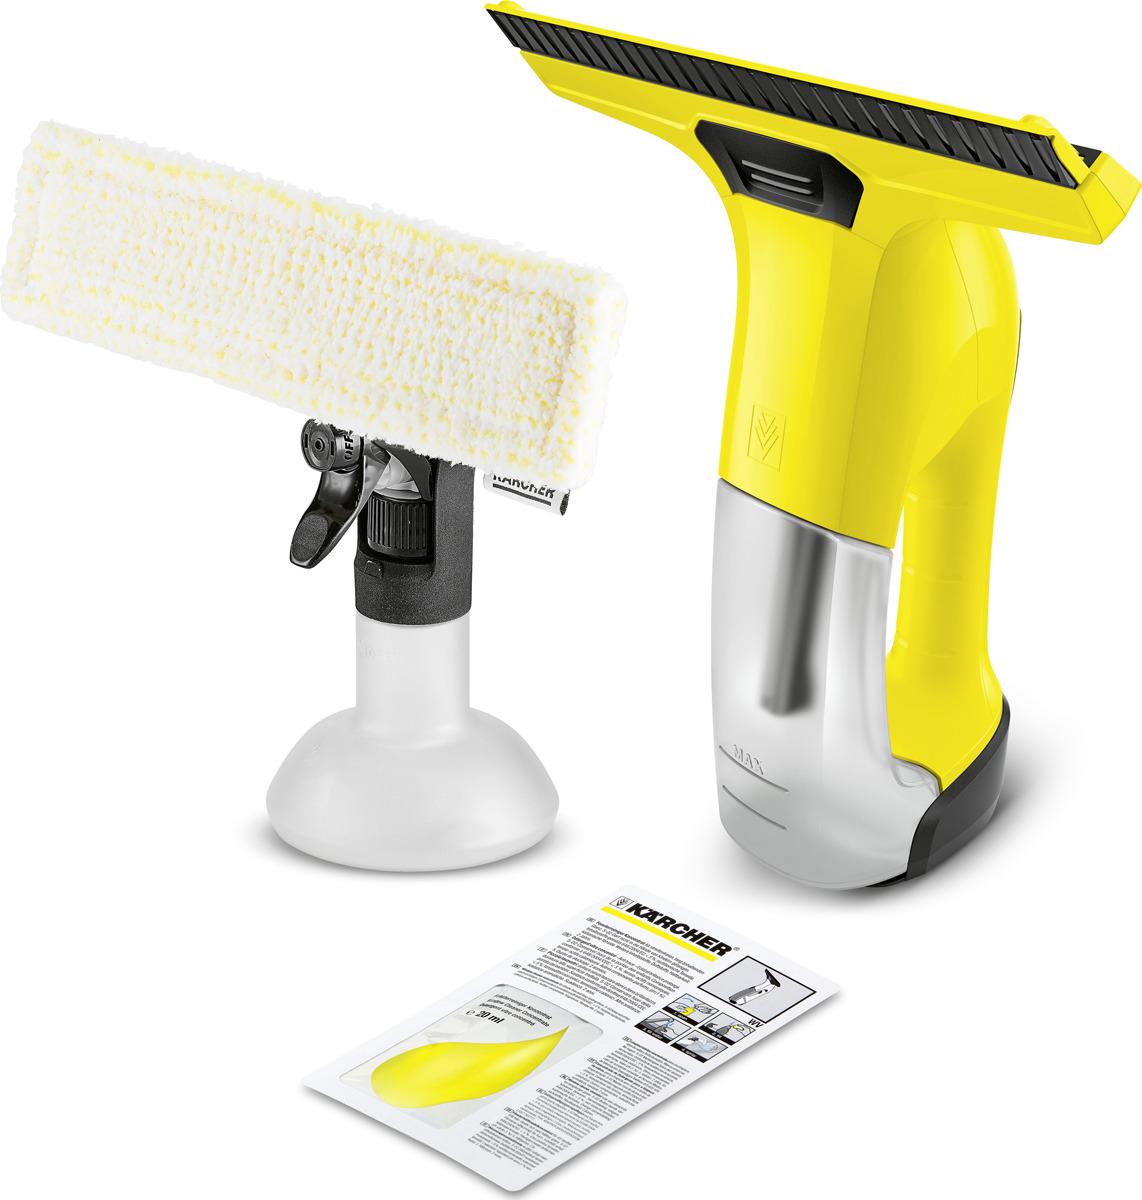 Стеклоочиститель Karcher WV 6 Plus, 1.633-510.0, желтый, черный цена